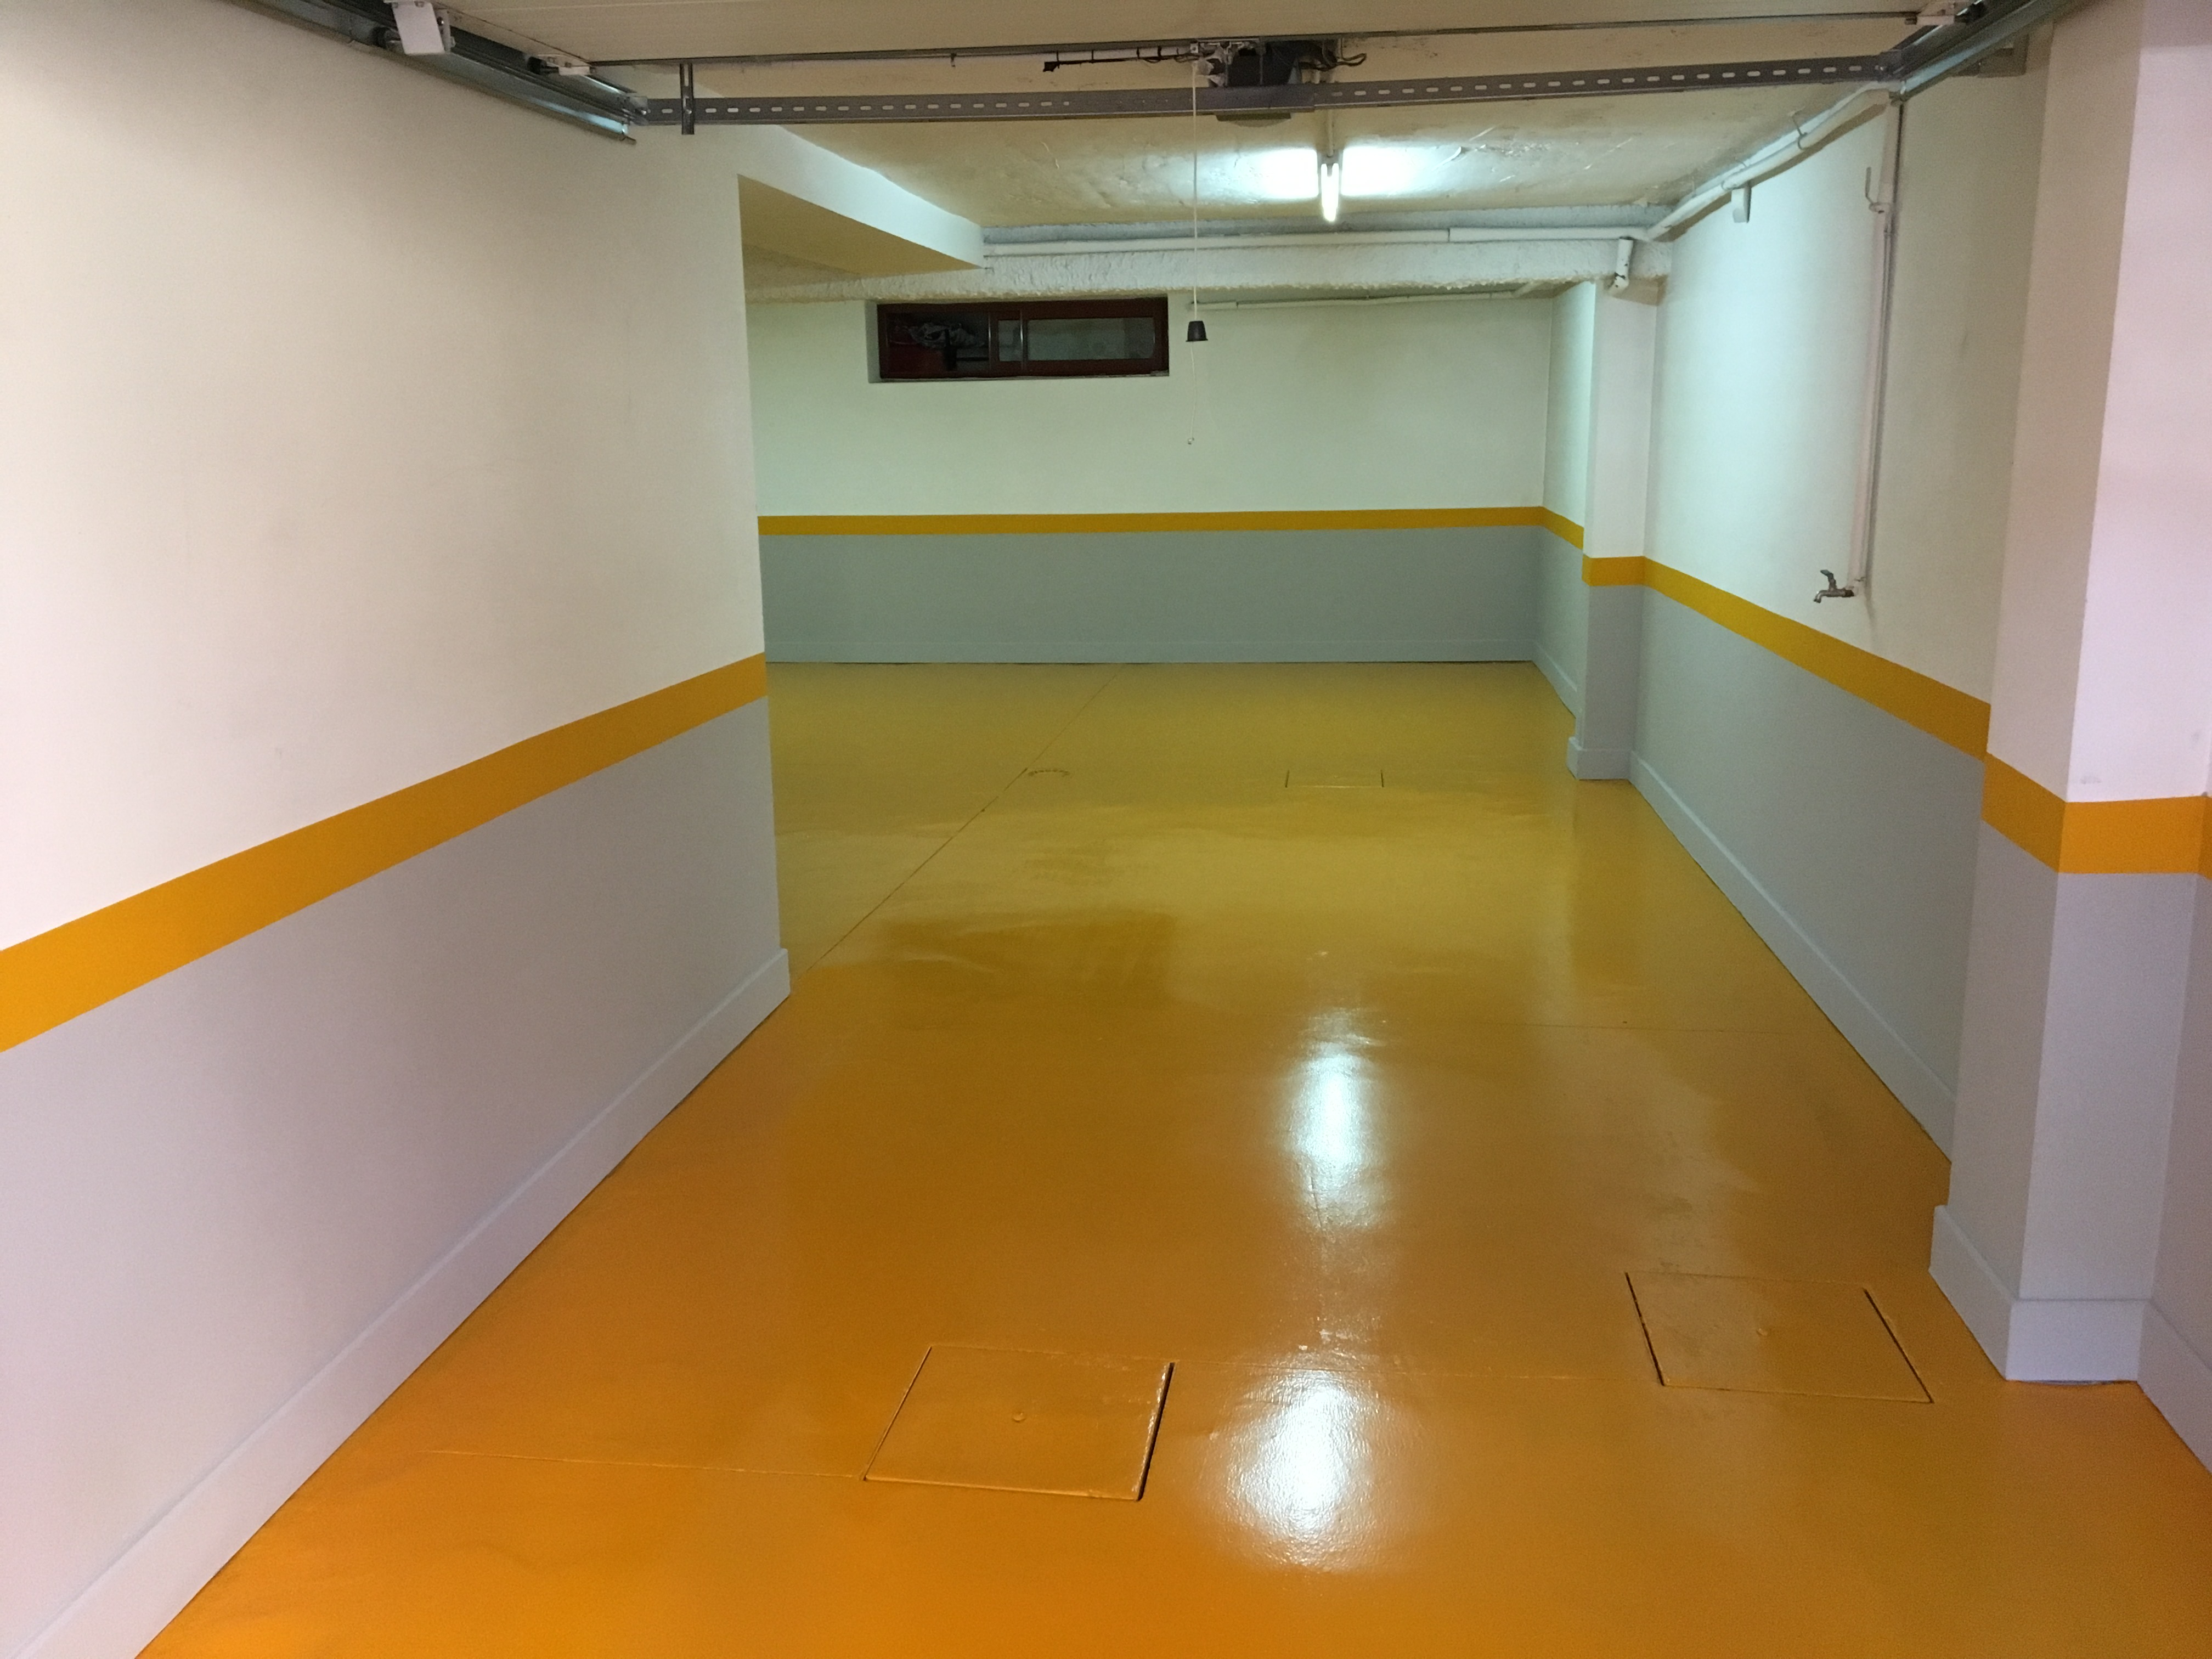 Pintura garaje materiales de construcci n para la reparaci n - Pintura de suelo ...